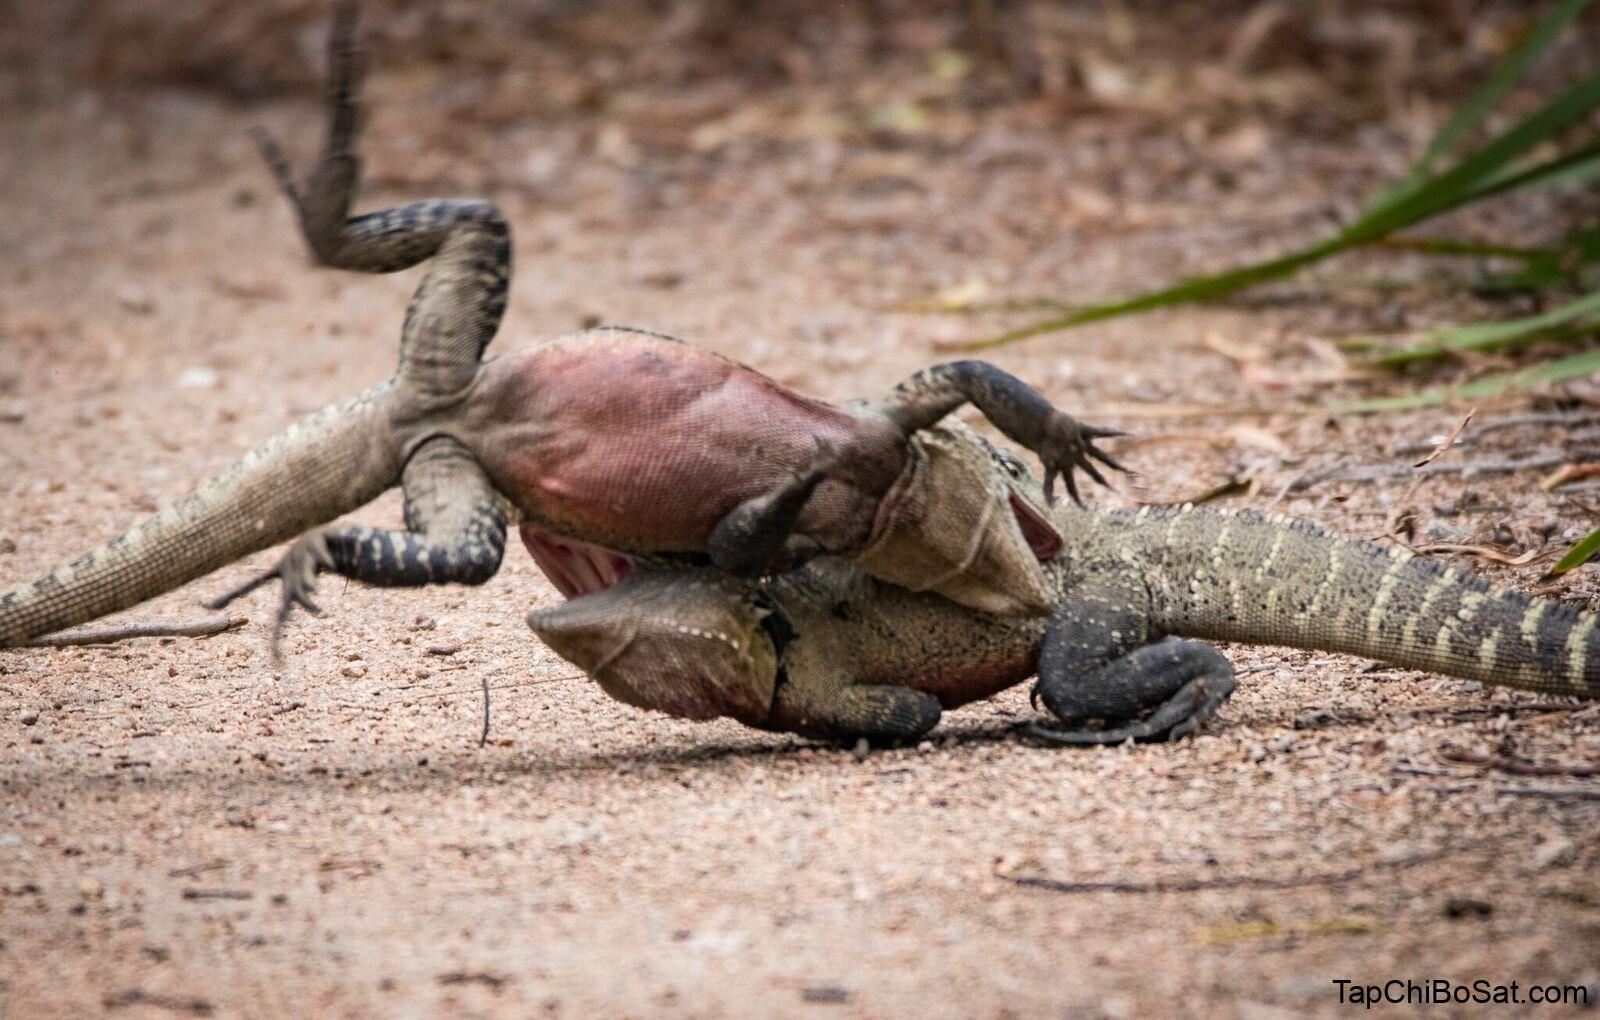 Australian water dragon- Trận chiến của hai chú rồng nước ở Warriewood Wetlands, thuộc bờ biển Bắc Sydney.